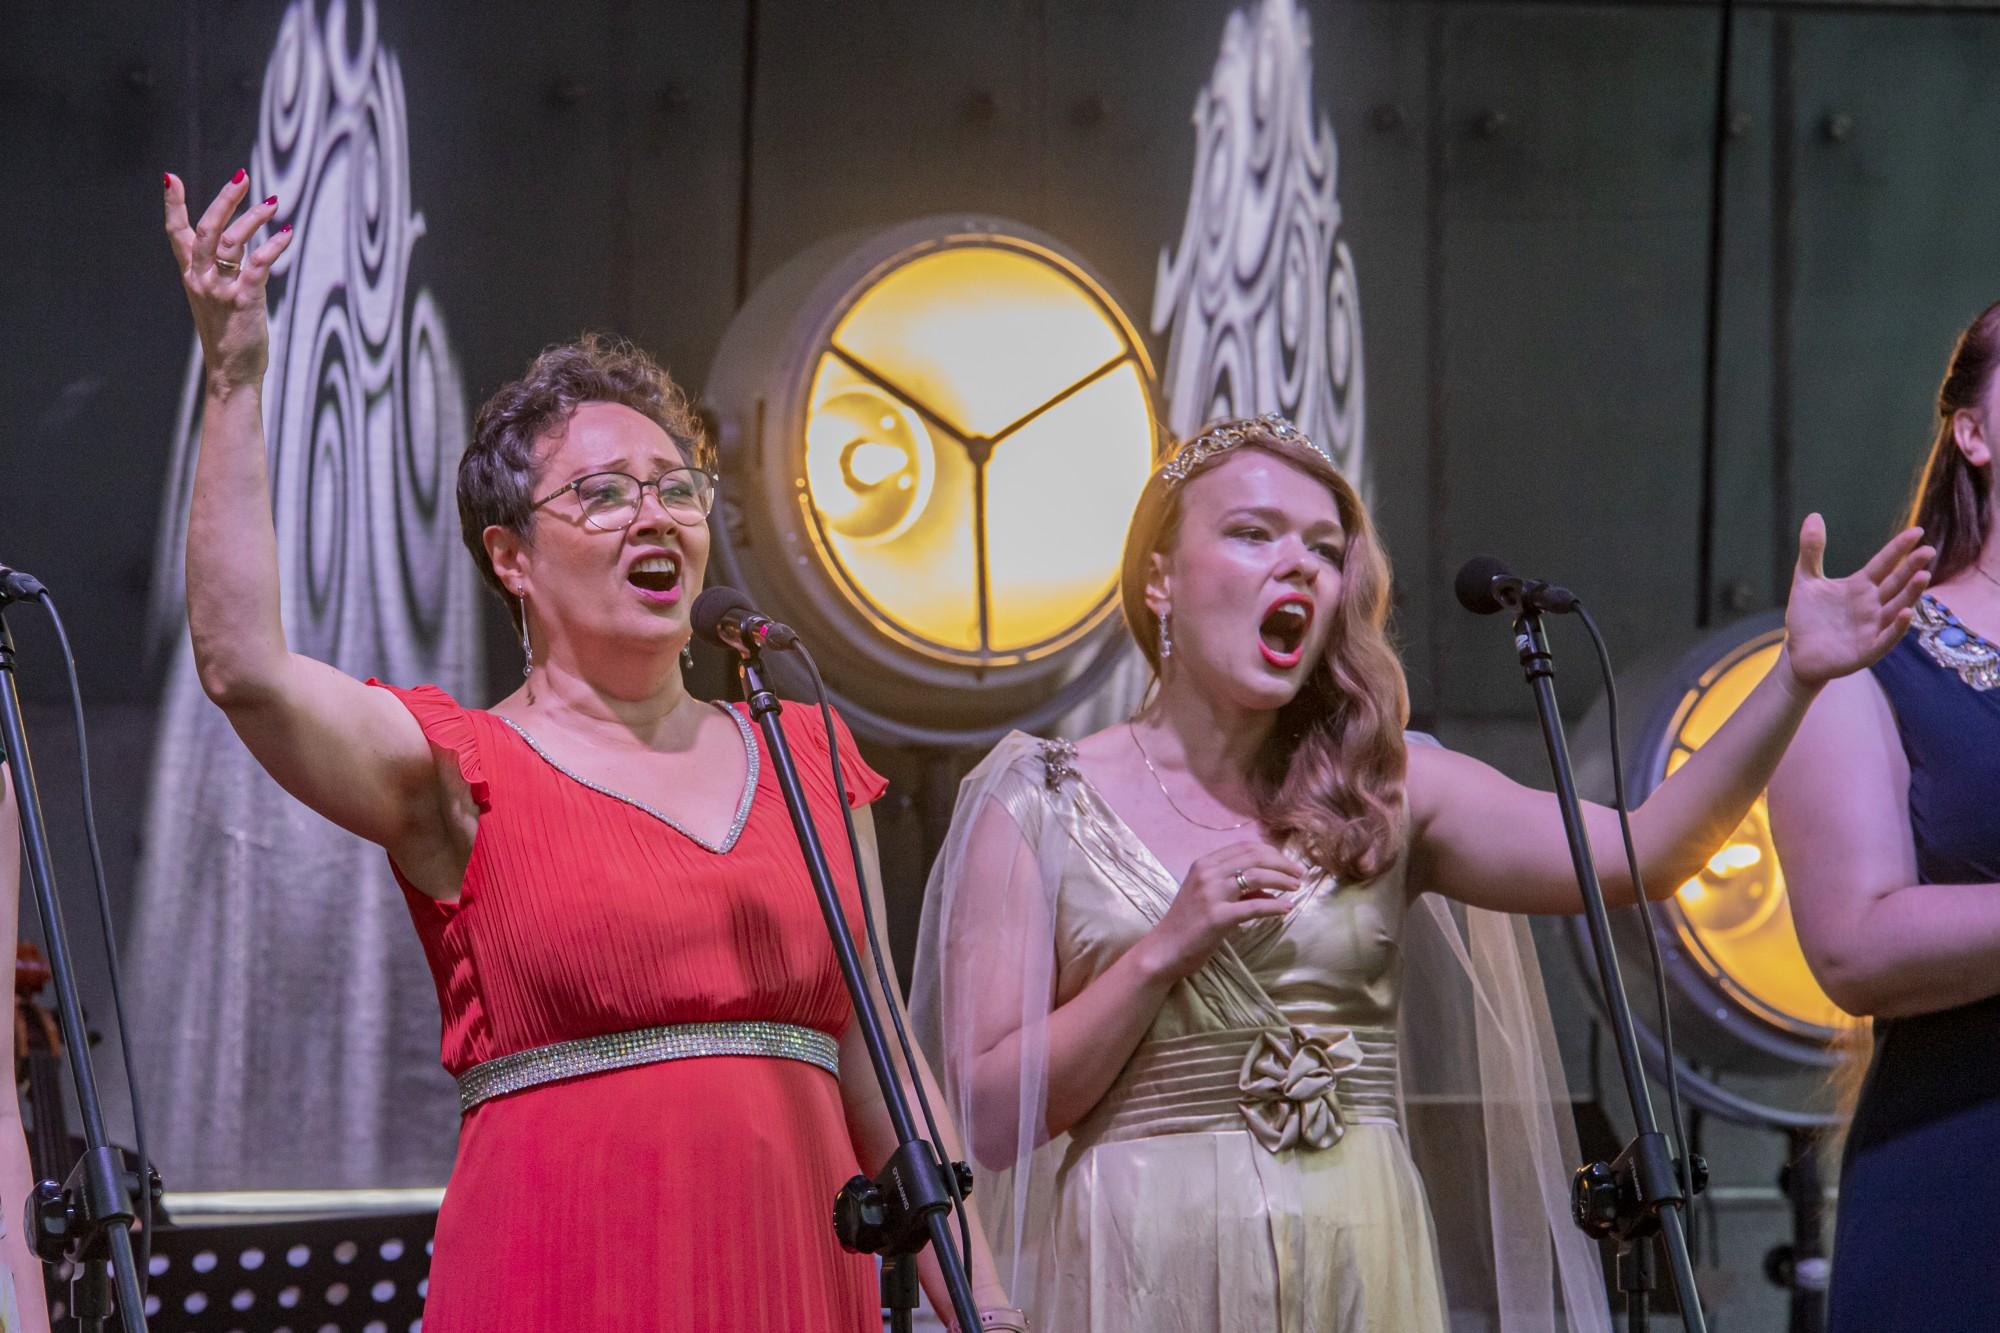 Letni Festiwal Muzyczny: Młode Talenty po raz kolejny porwały melomanów - Zdjęcie główne